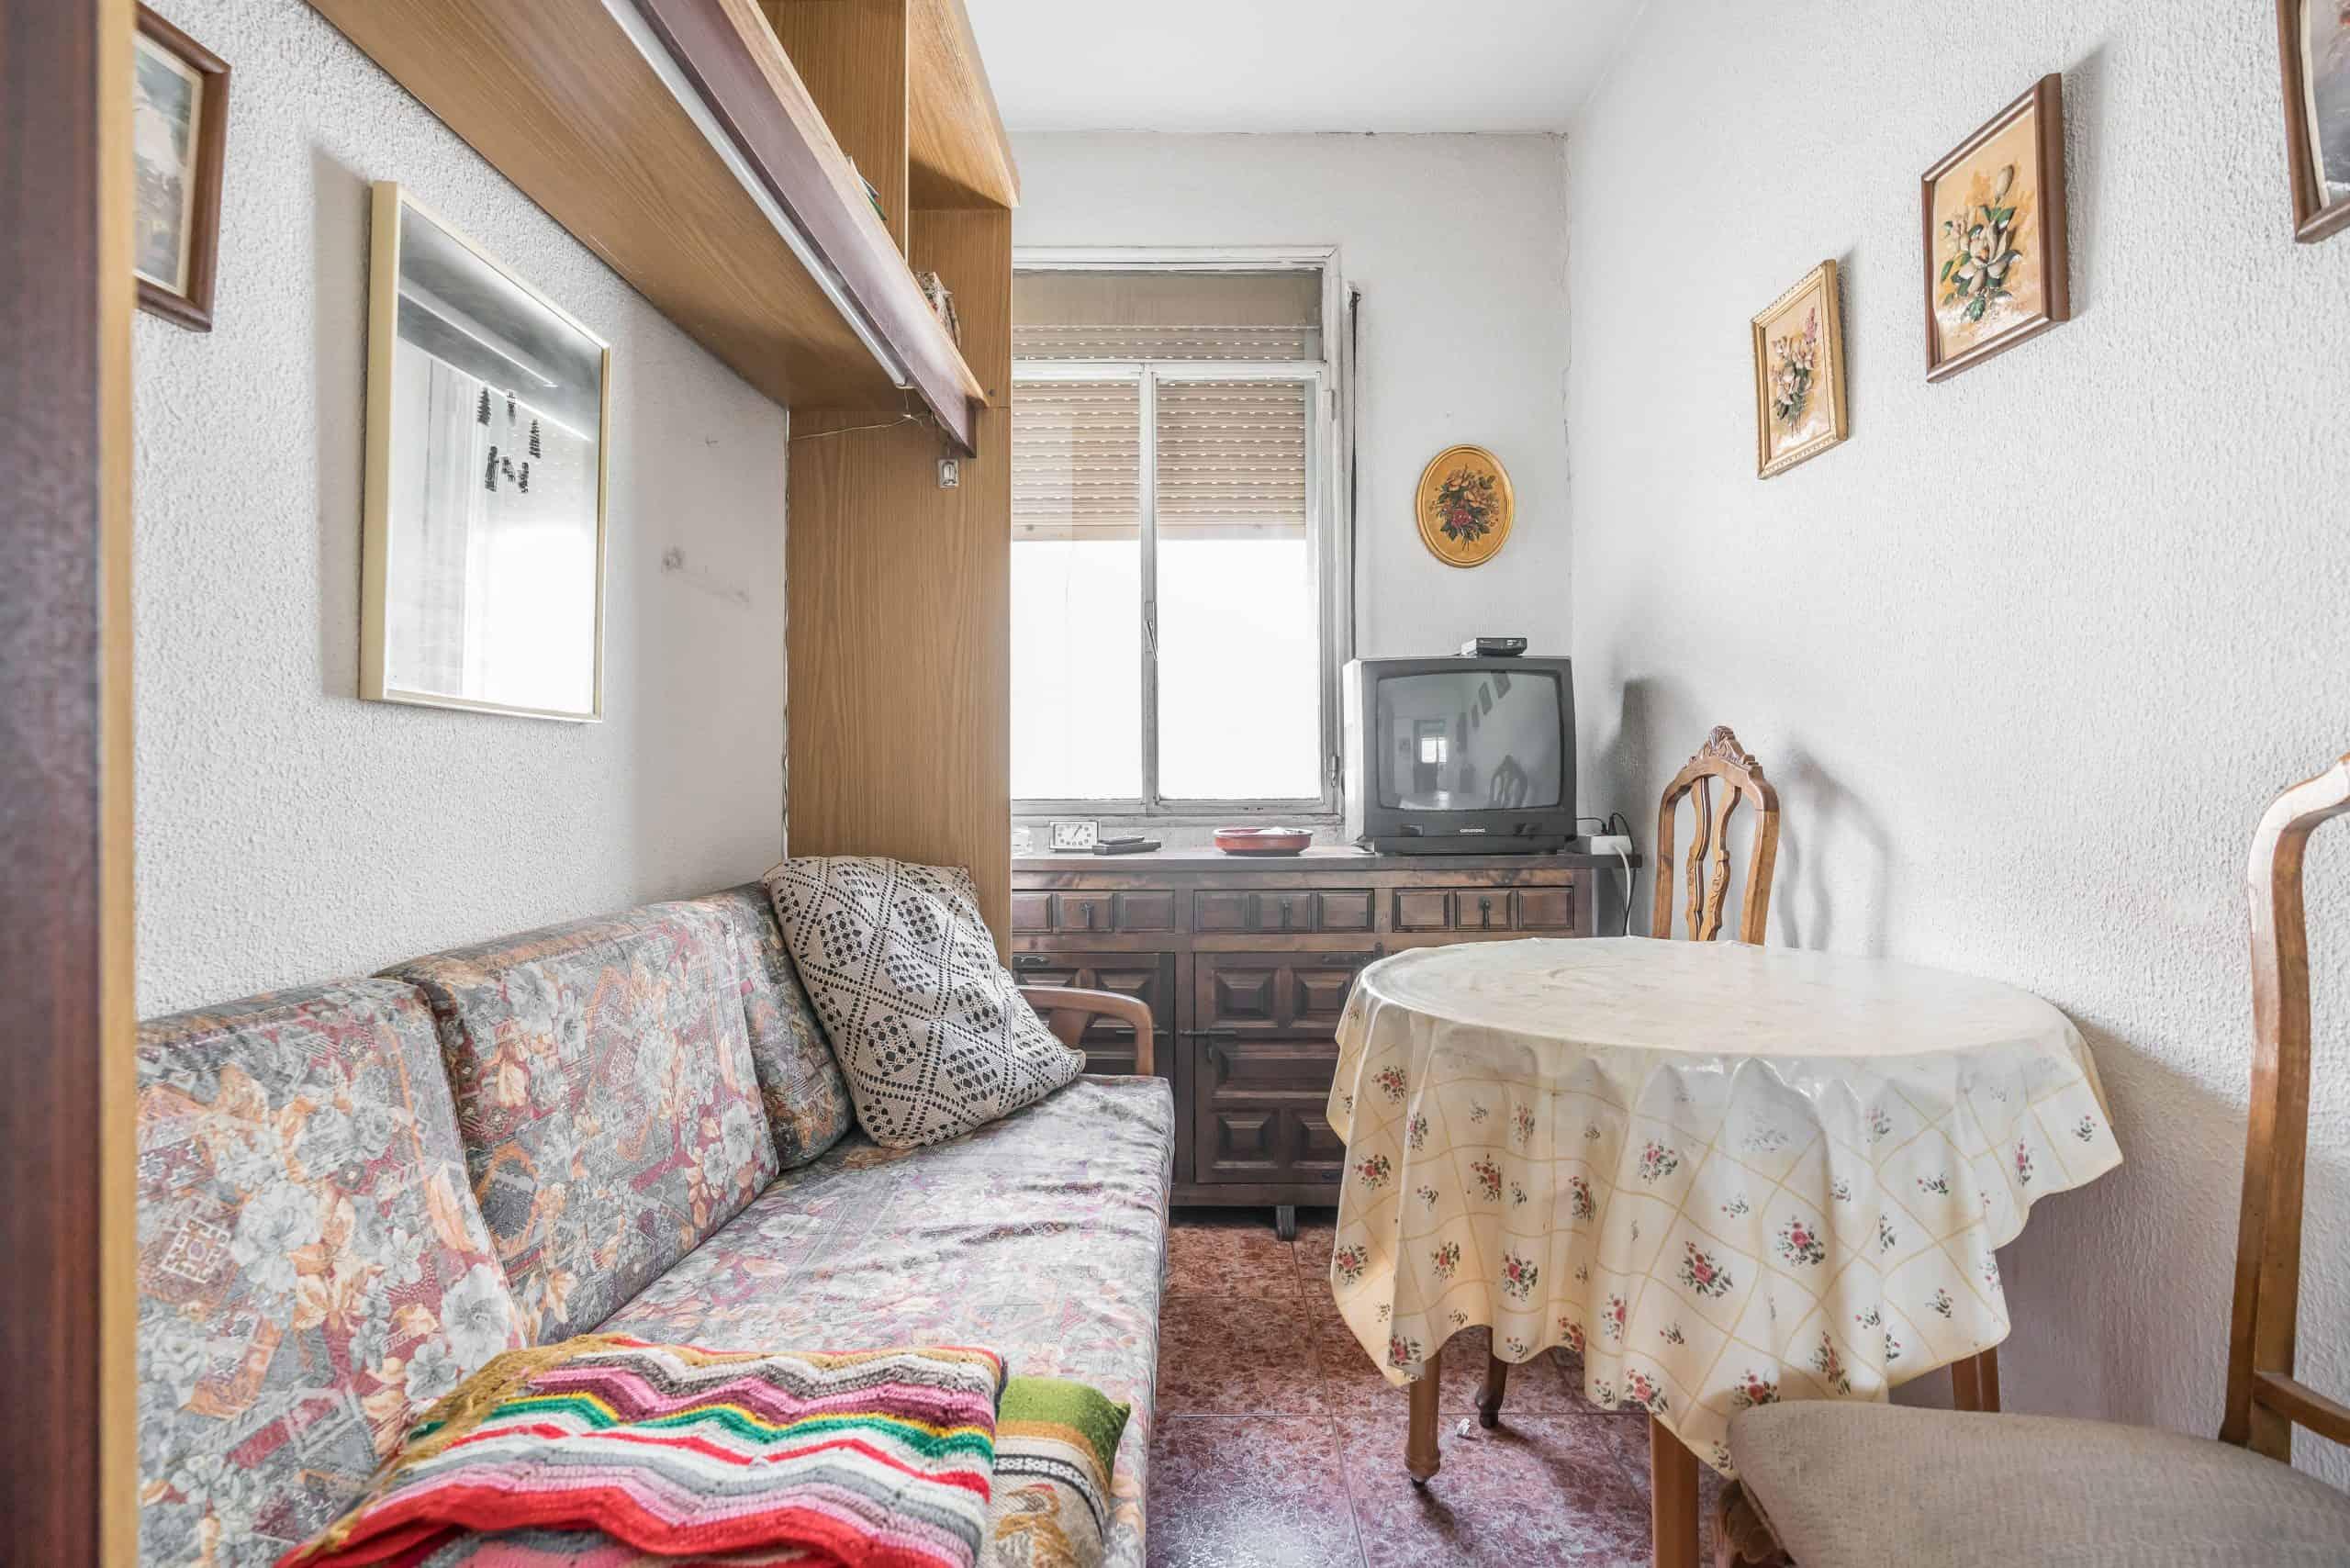 Agencia Inmobiliaria de Madrid-FUTUROCASA-Zona ARGANZUELA-EMBAJADORES-LEGAZPI -calle DOMINGO PEREZ DEL VAL -4 DORMITORIO2 (3)